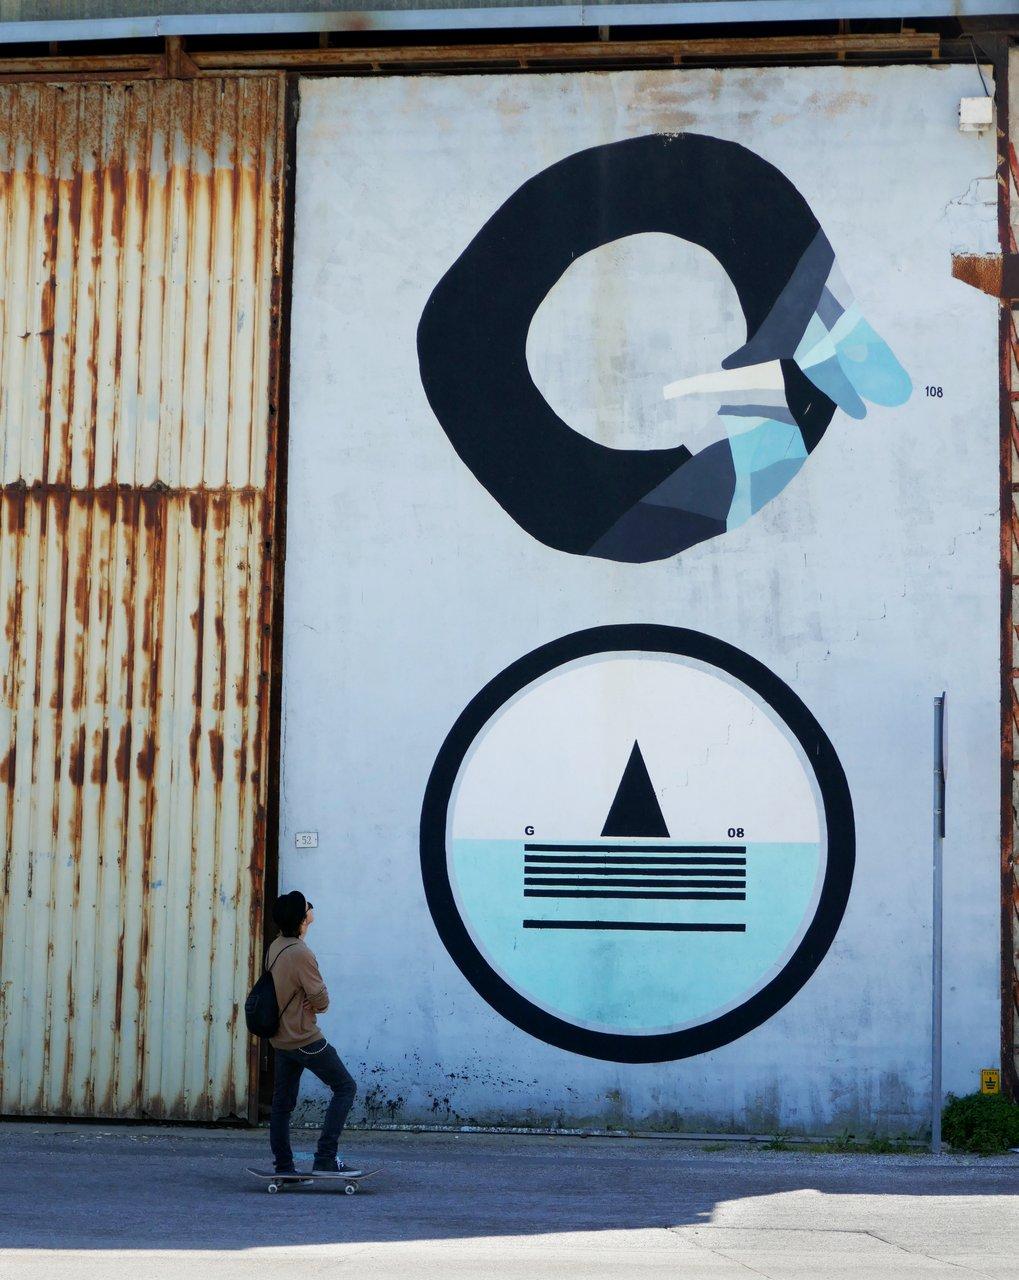 street art civitanova marche: opera di giulio vesprini e 108